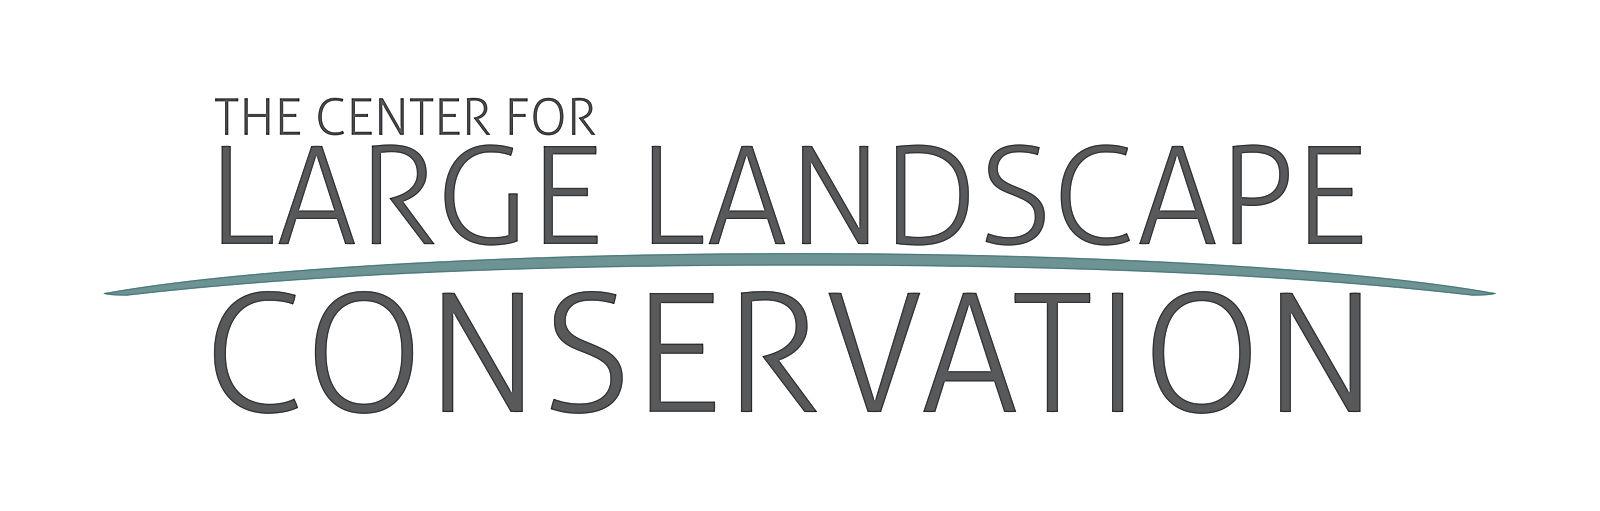 The Center for Large Landscape Conservation logo